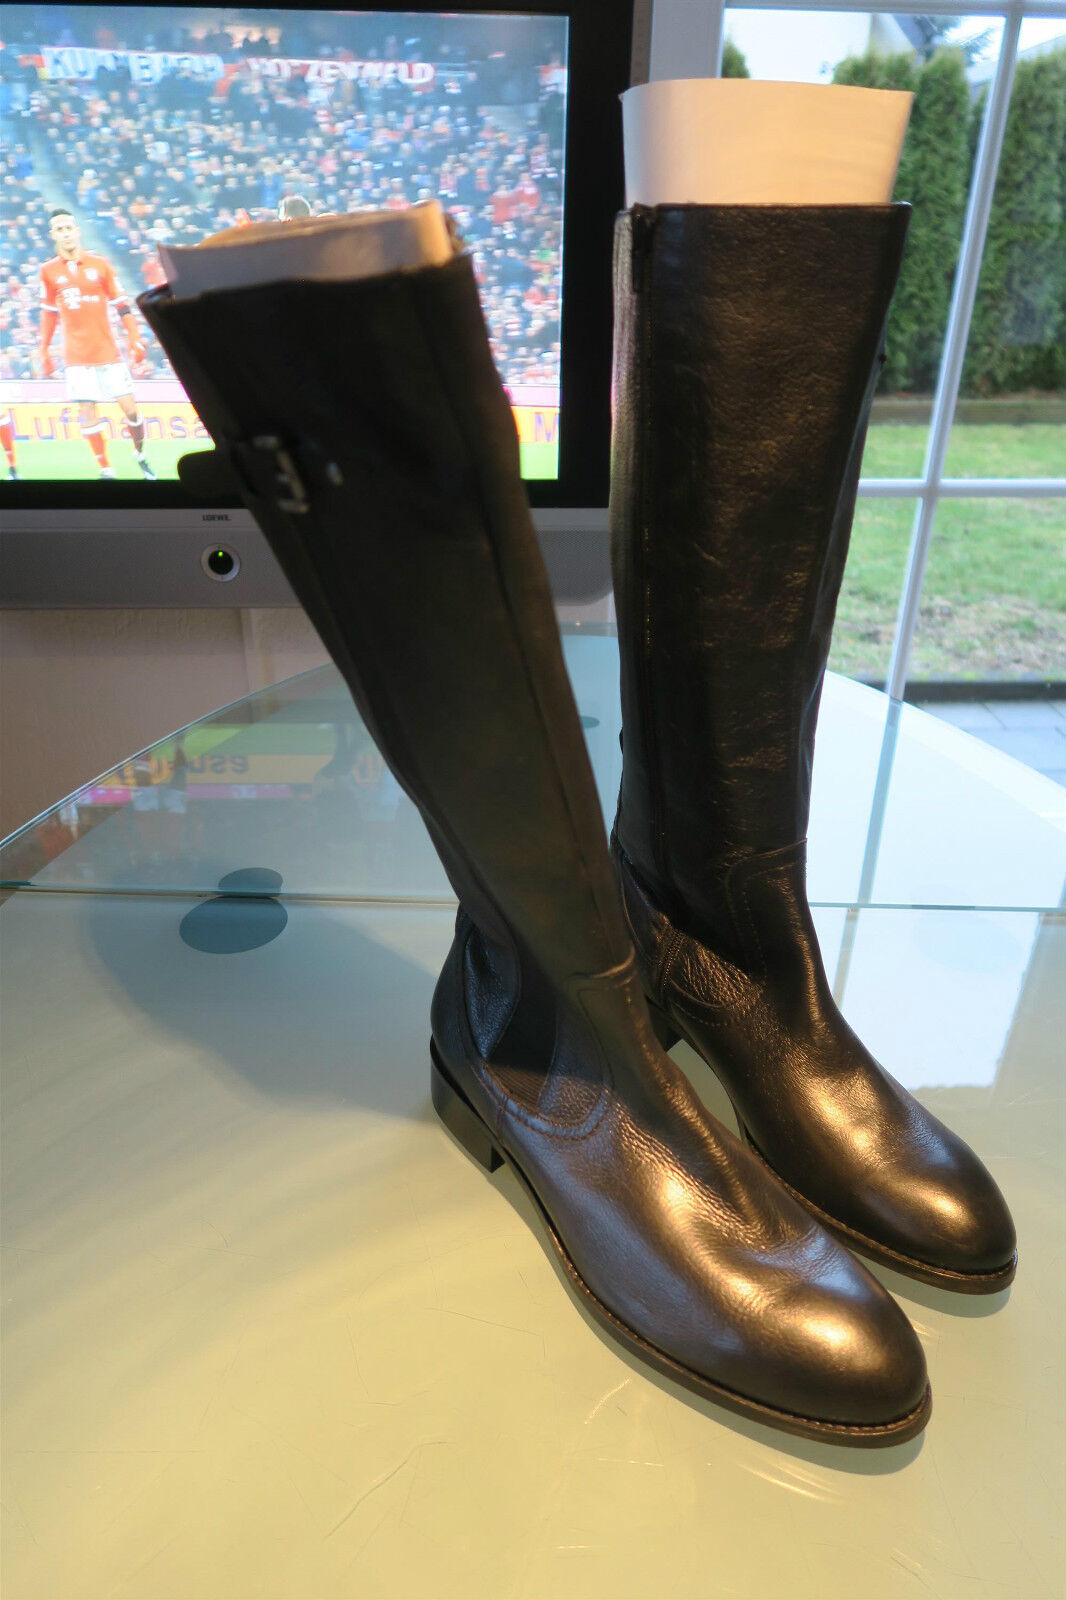 Van Dal Damen Lederstiefel - Größe 41 - OP - Stiefel Leder schwarz